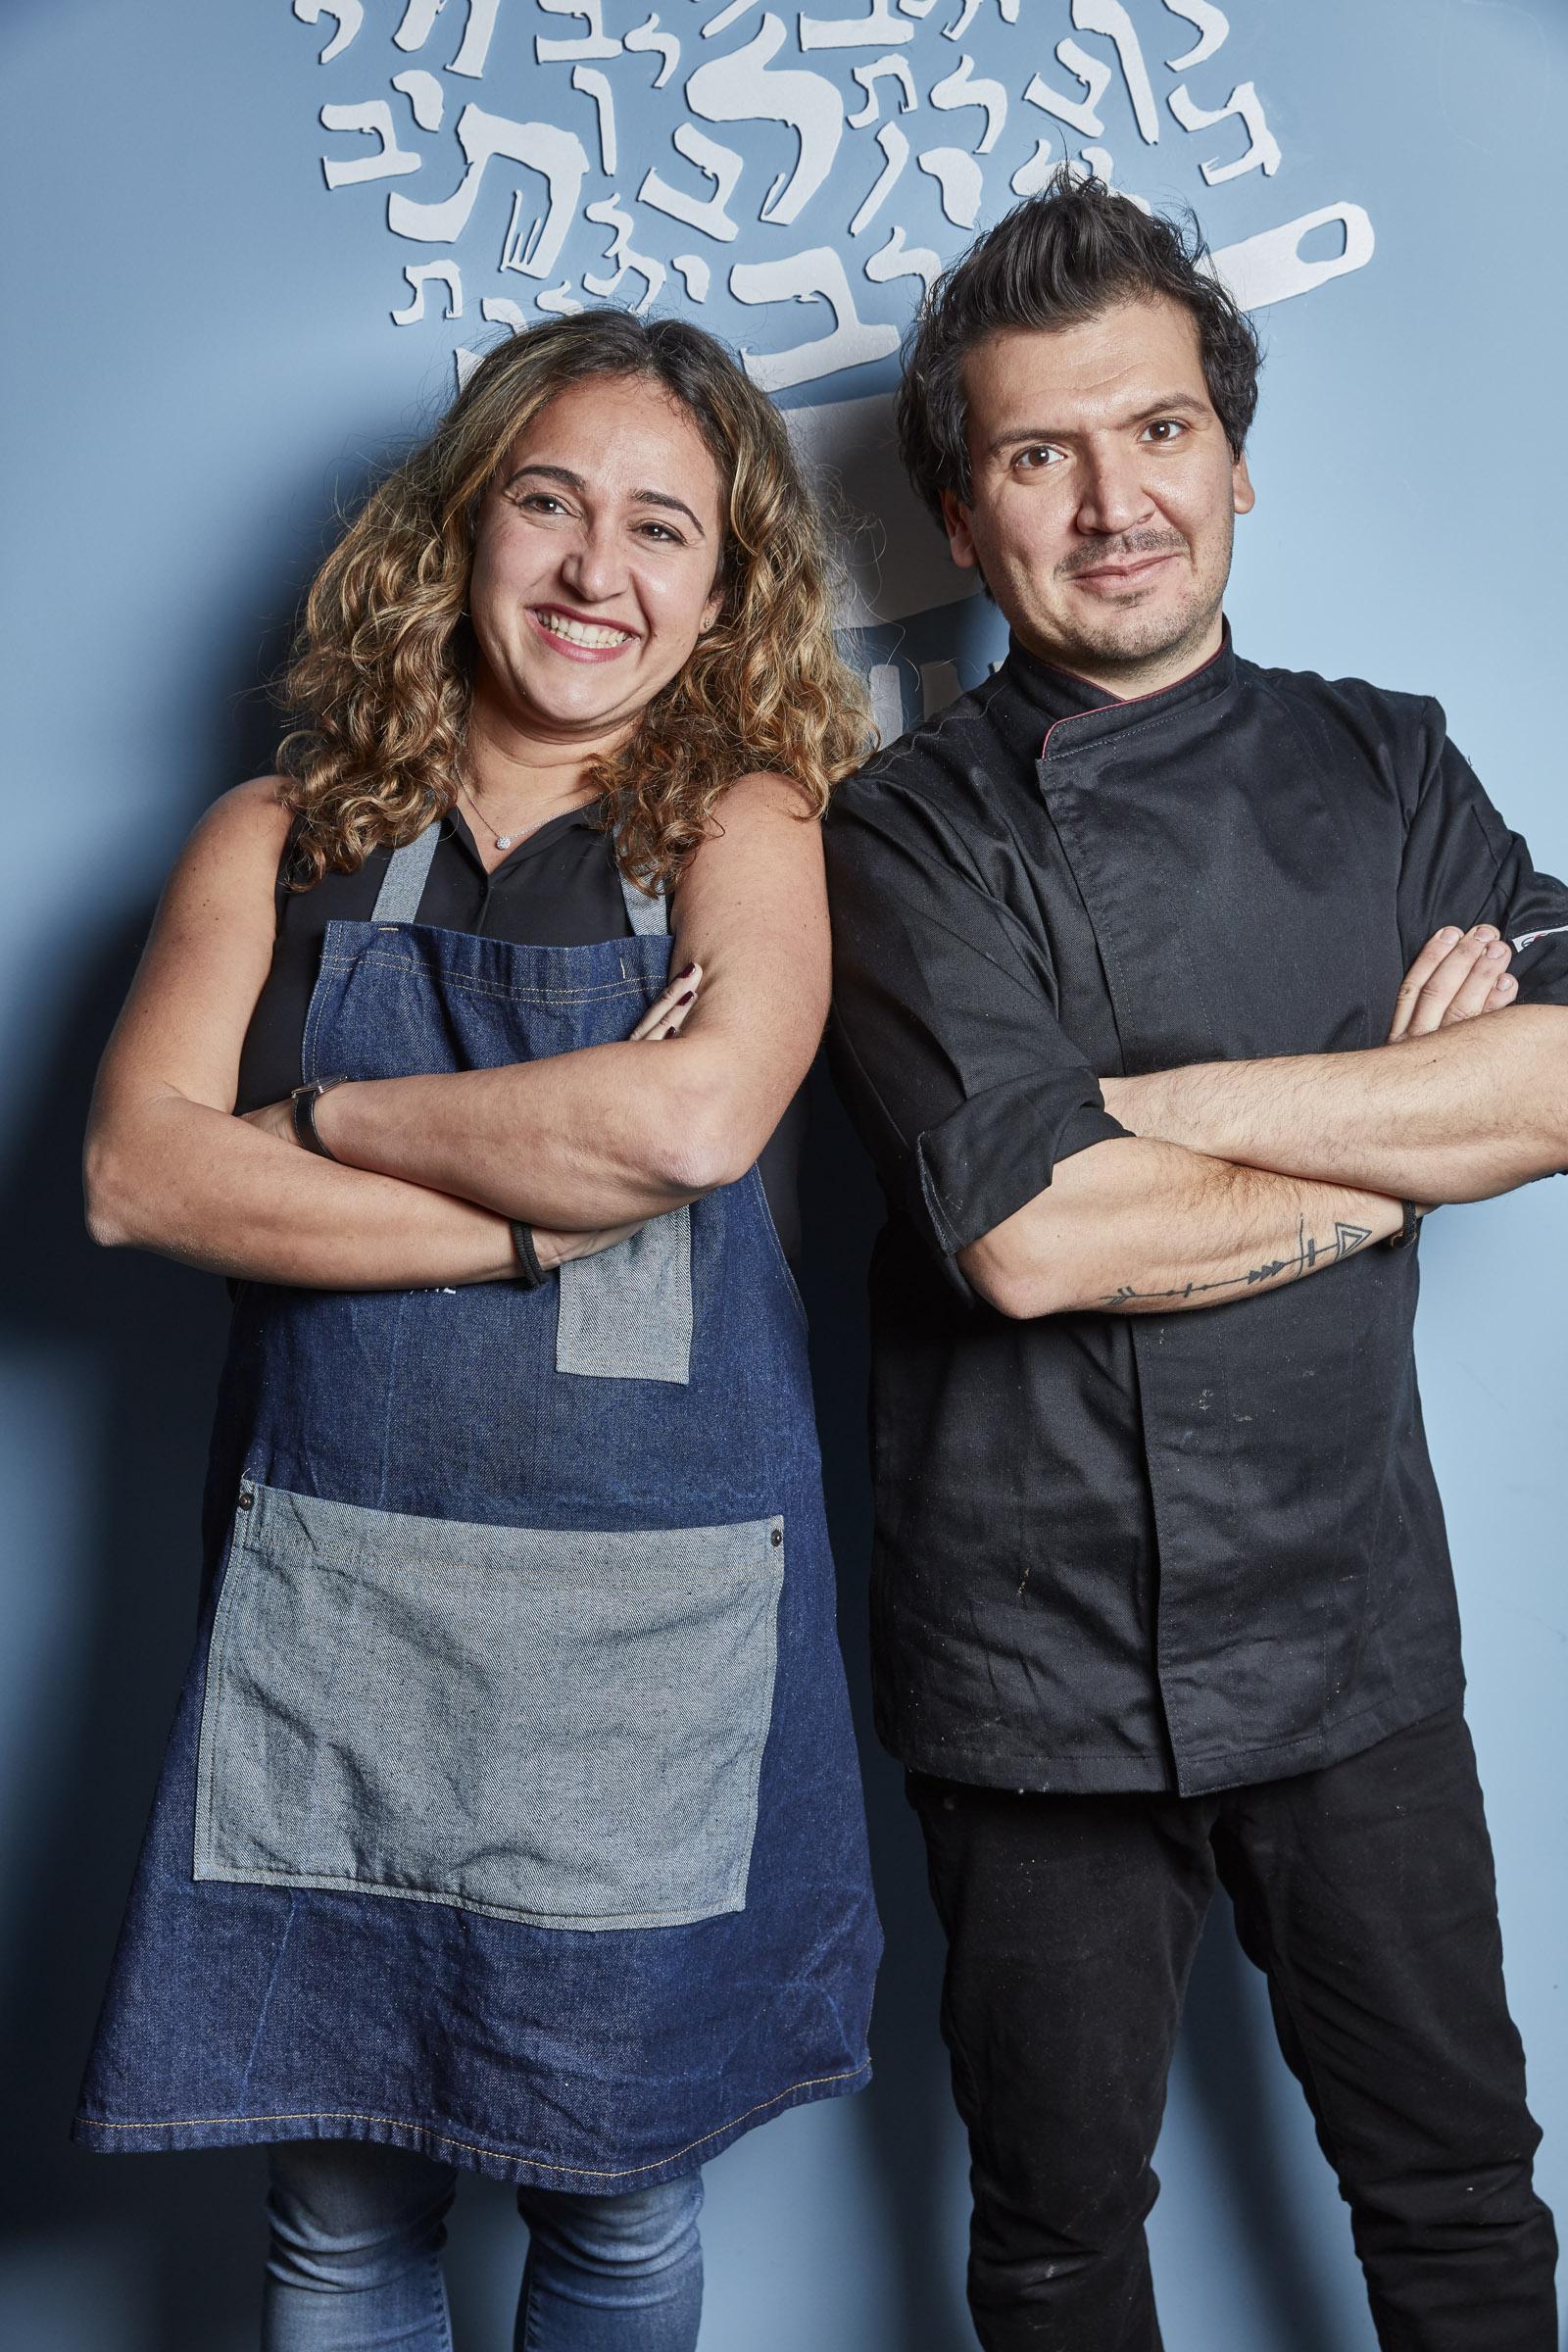 Karen Benichou and Kobi Villot Malka @Romain Villot